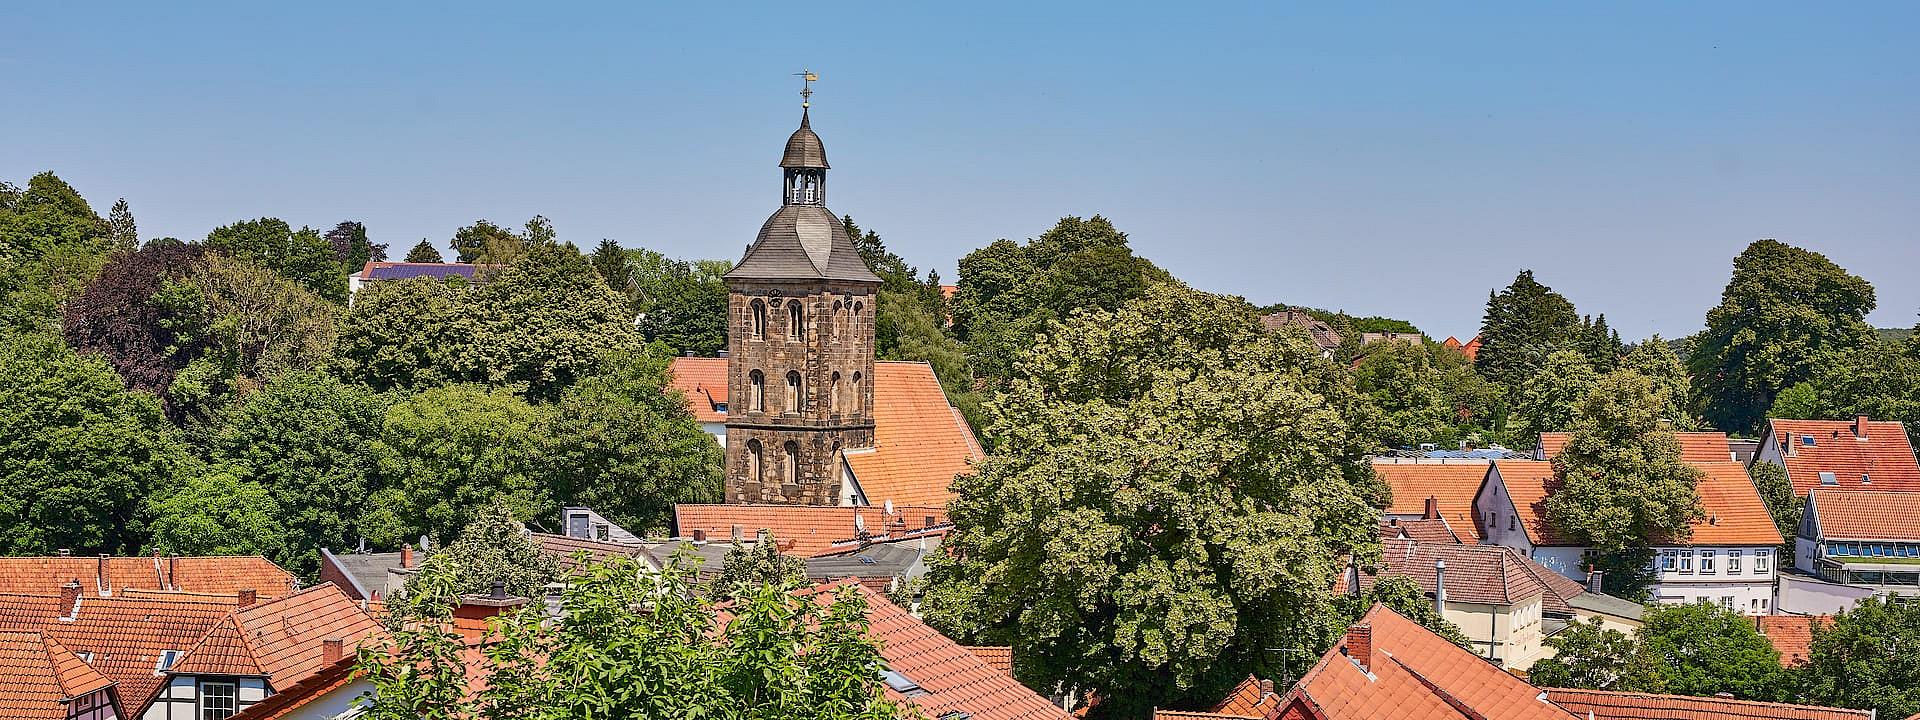 Auf dem Balkon des Münsterlandes Tecklenburg